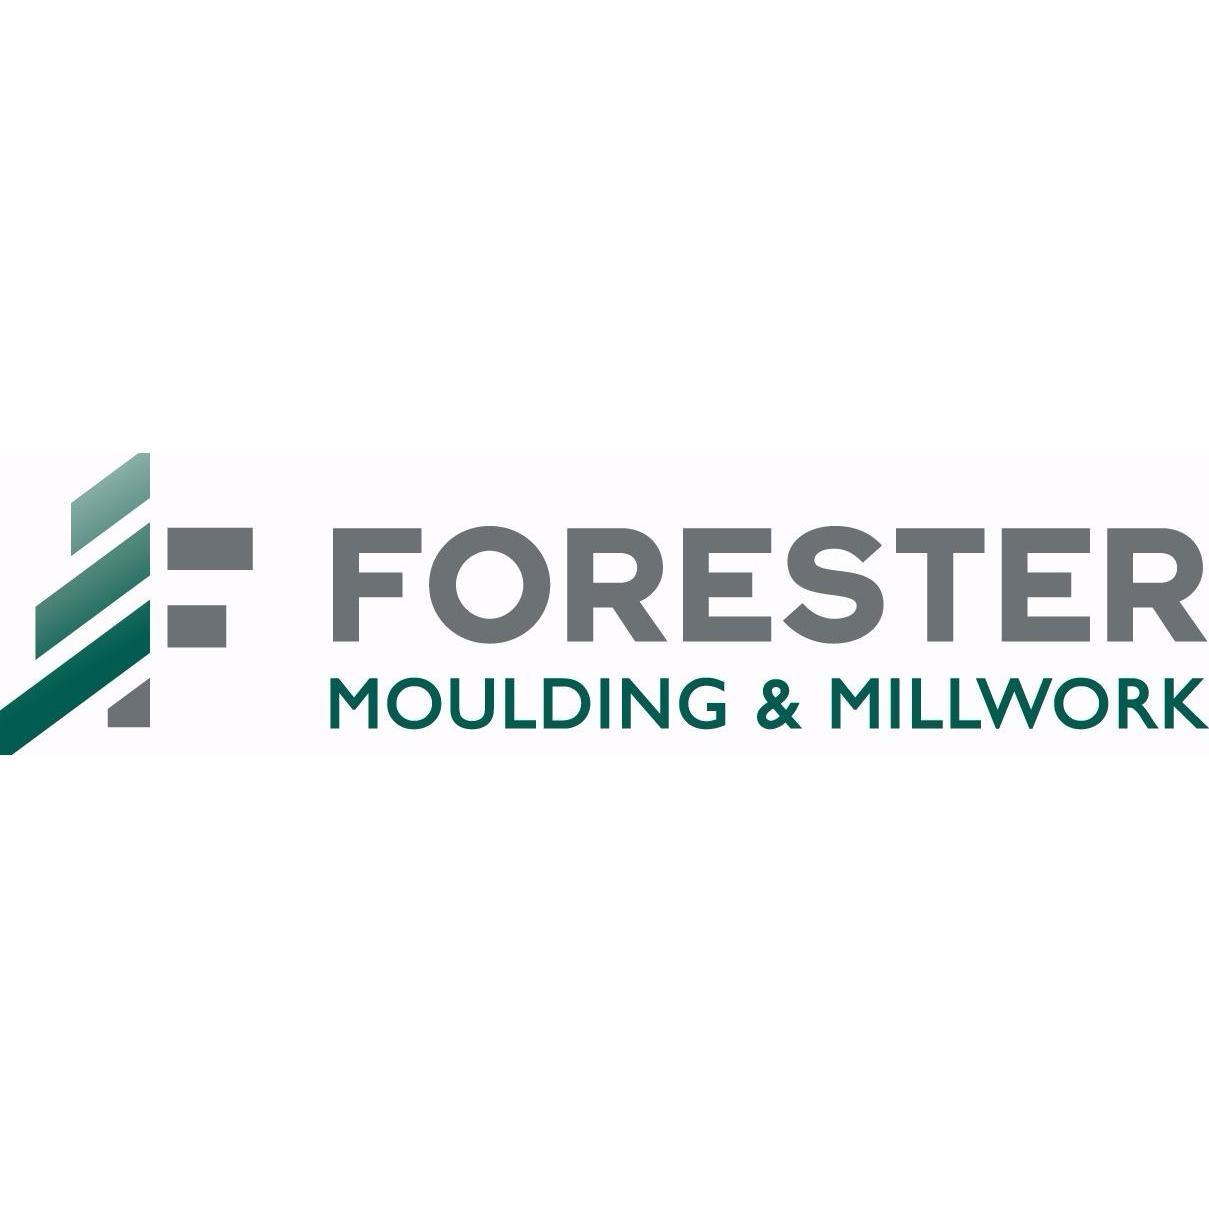 Forester Moulding & Millwork image 0